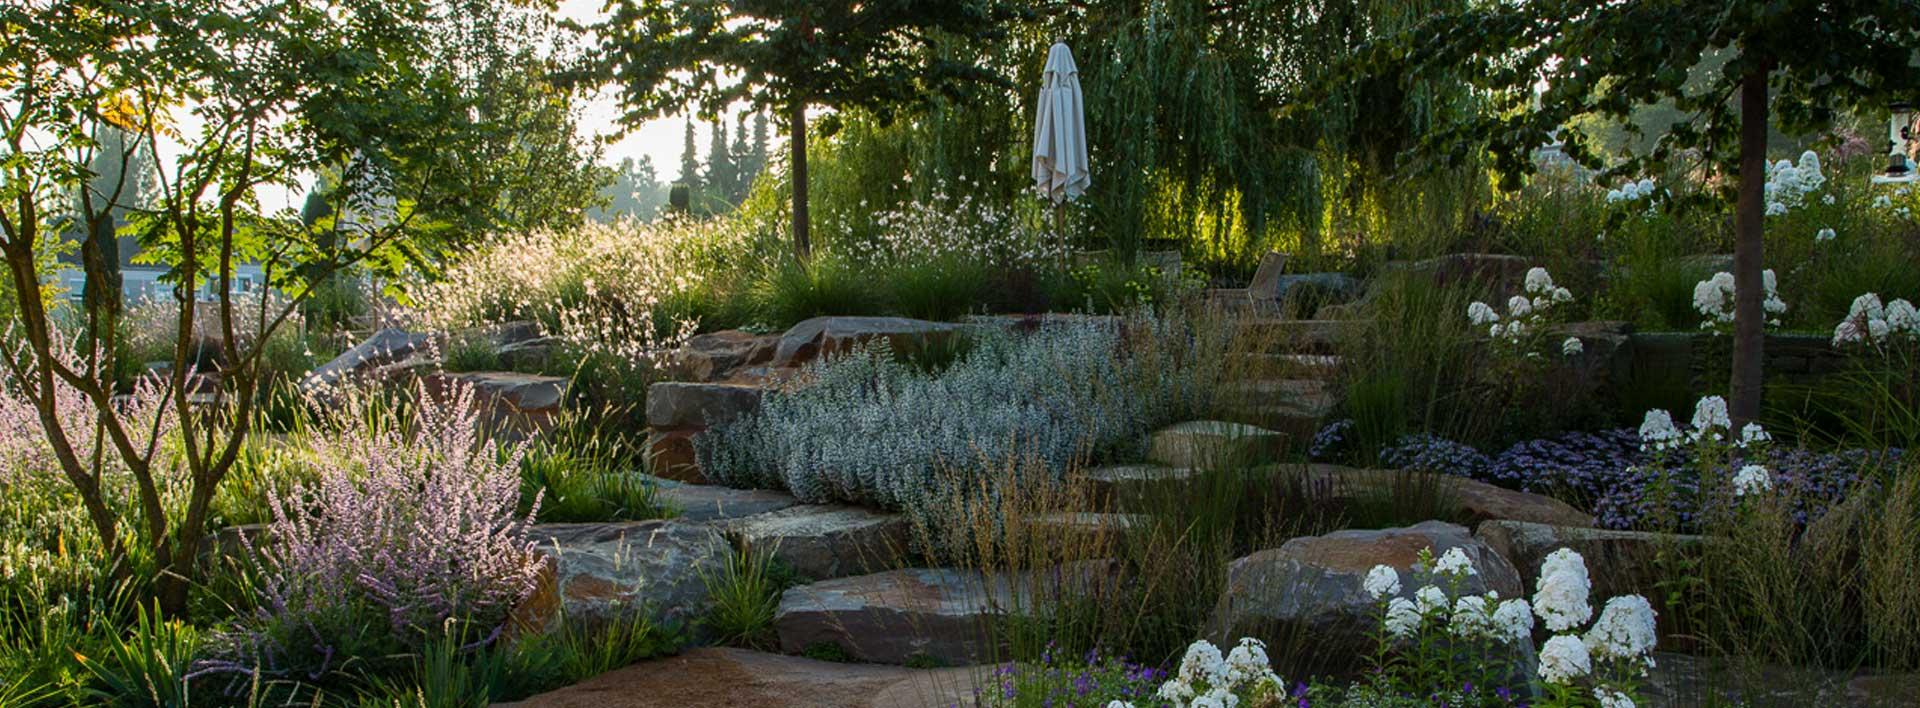 Vielfältiger Garten mit vielen Steinen, Treppen, Blumen und Pflanzen